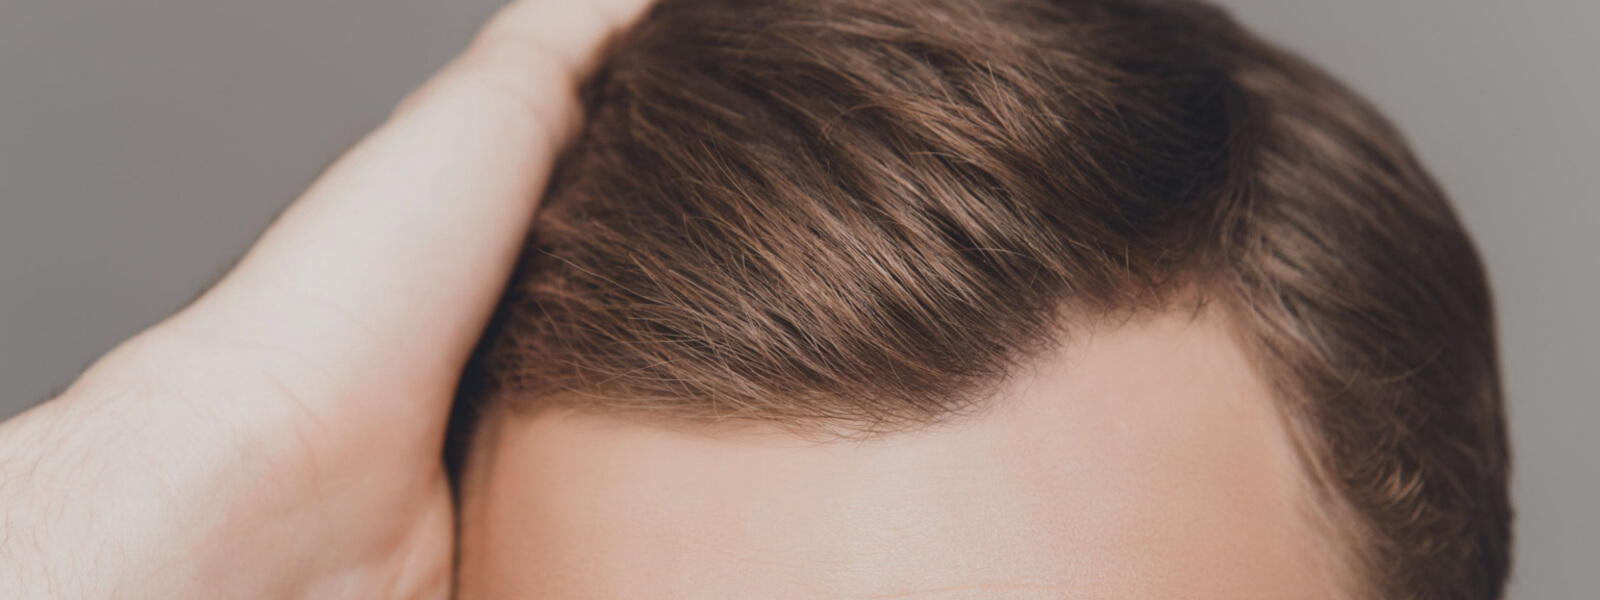 Alcuni miti sulla caduta capelli e arretramento dell ...